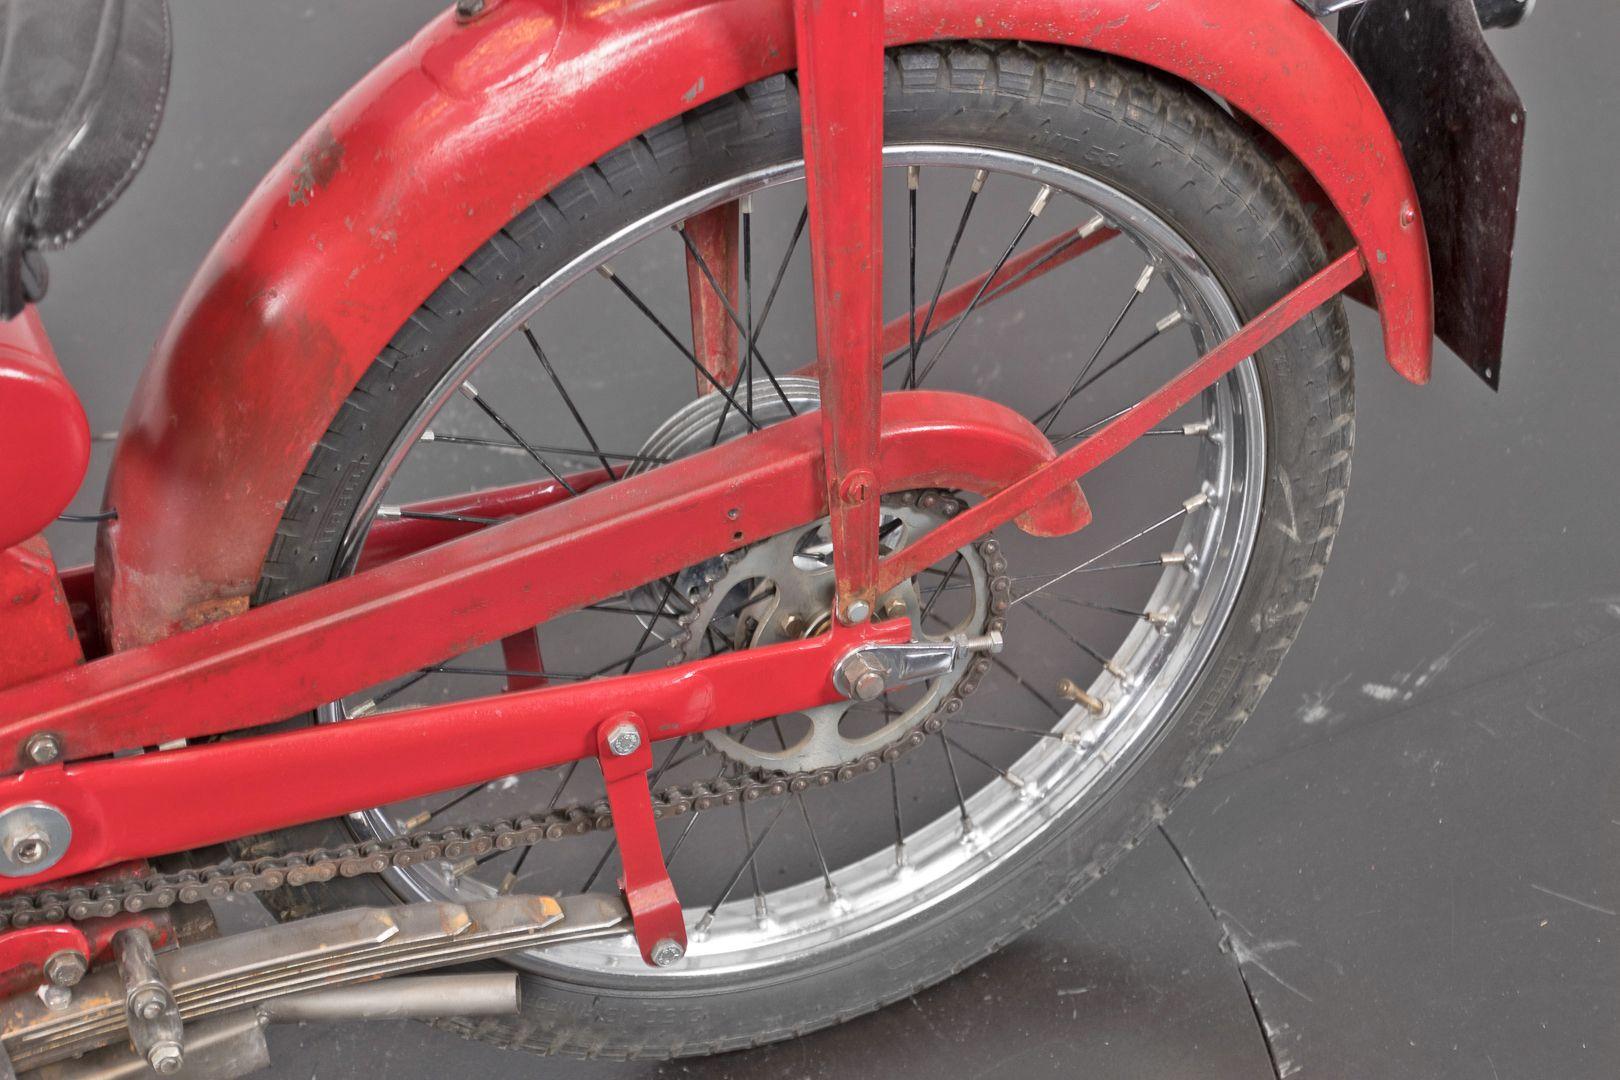 1961 MotoBi B 98 Balestrino 75051